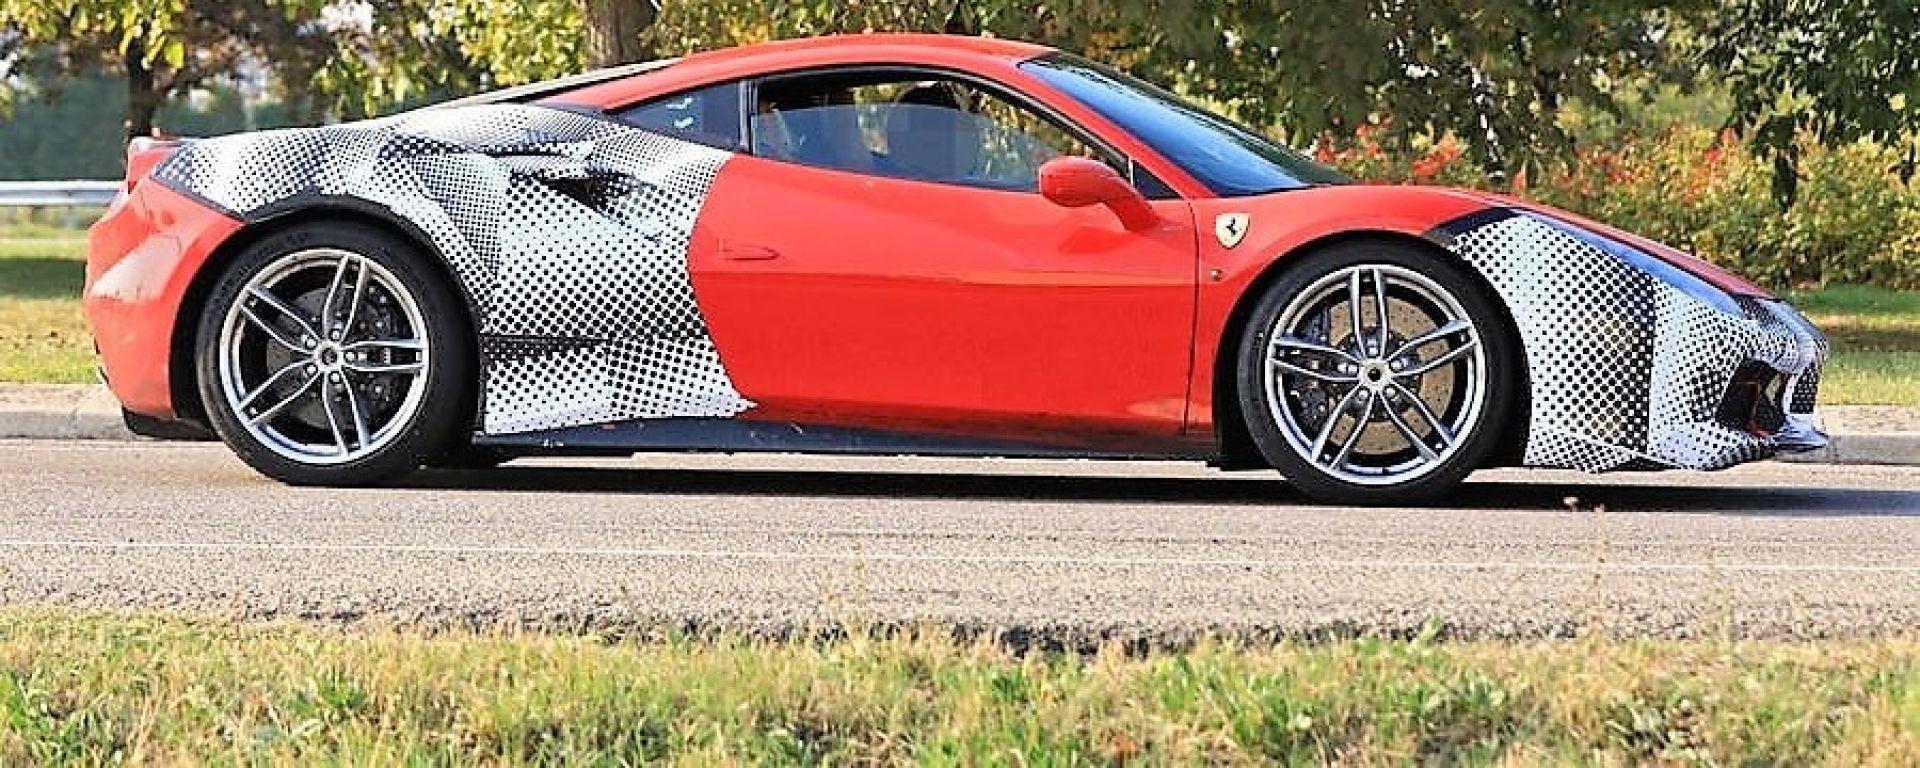 Ferrari 488 GTO: la vista laterale del muletto